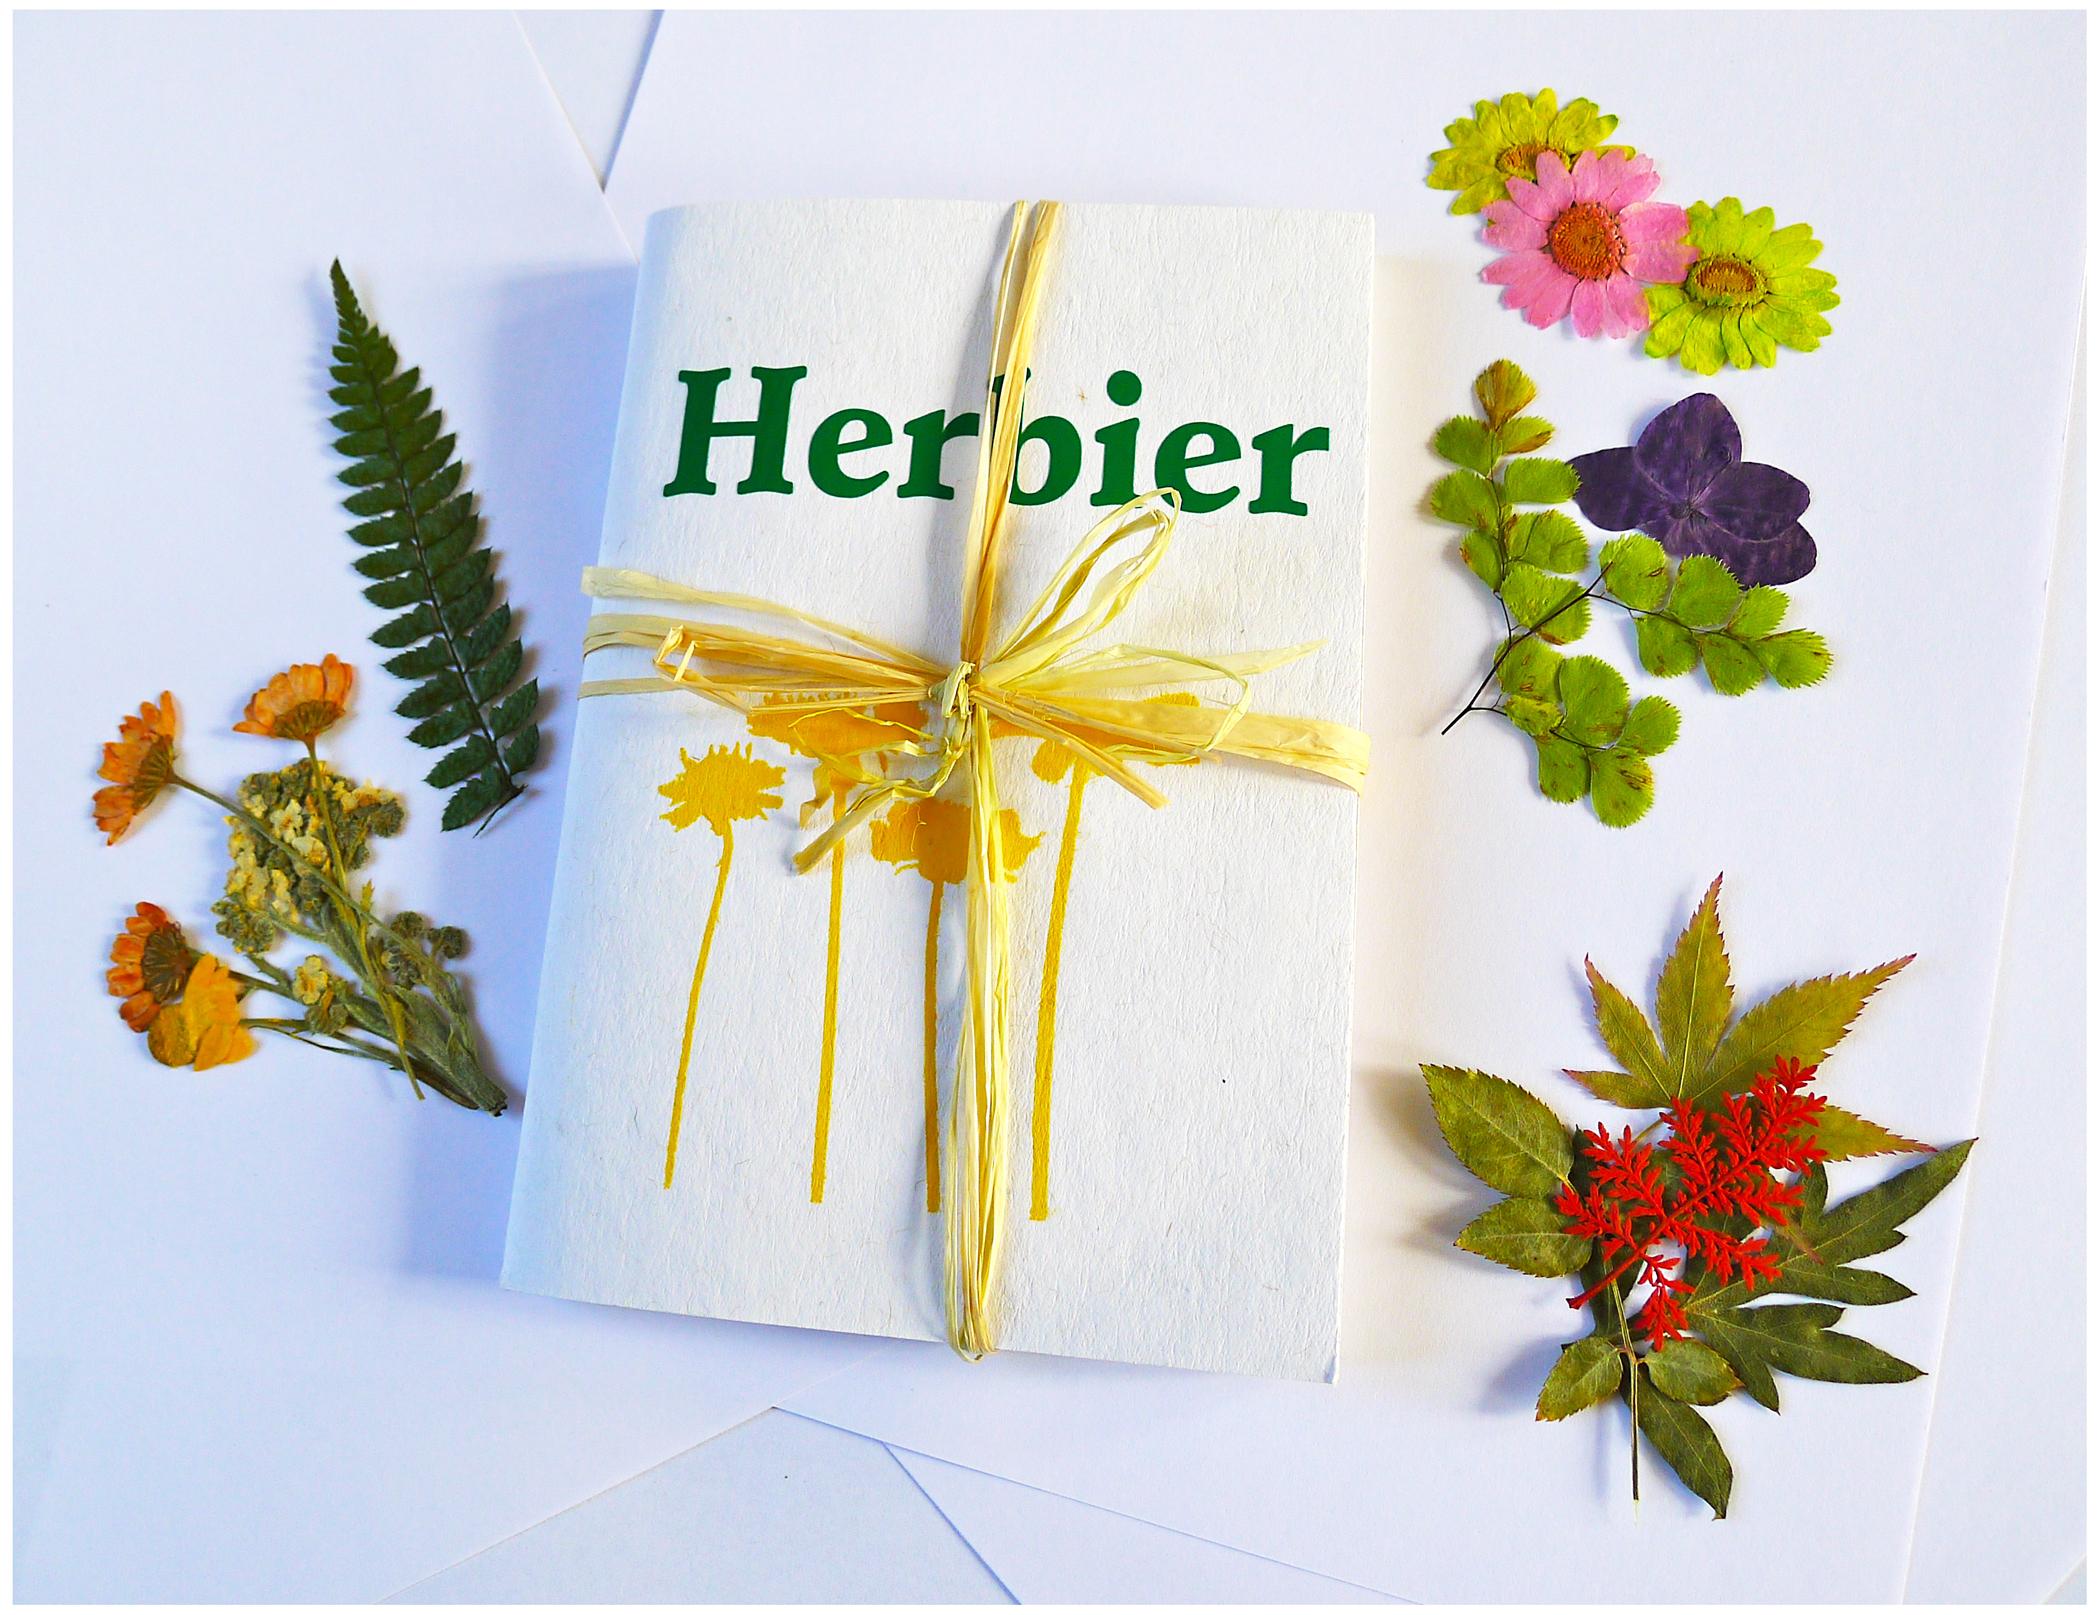 La chasse aux tr sors botaniques mon premier herbier le jardin des enfants - Faire un herbier ...